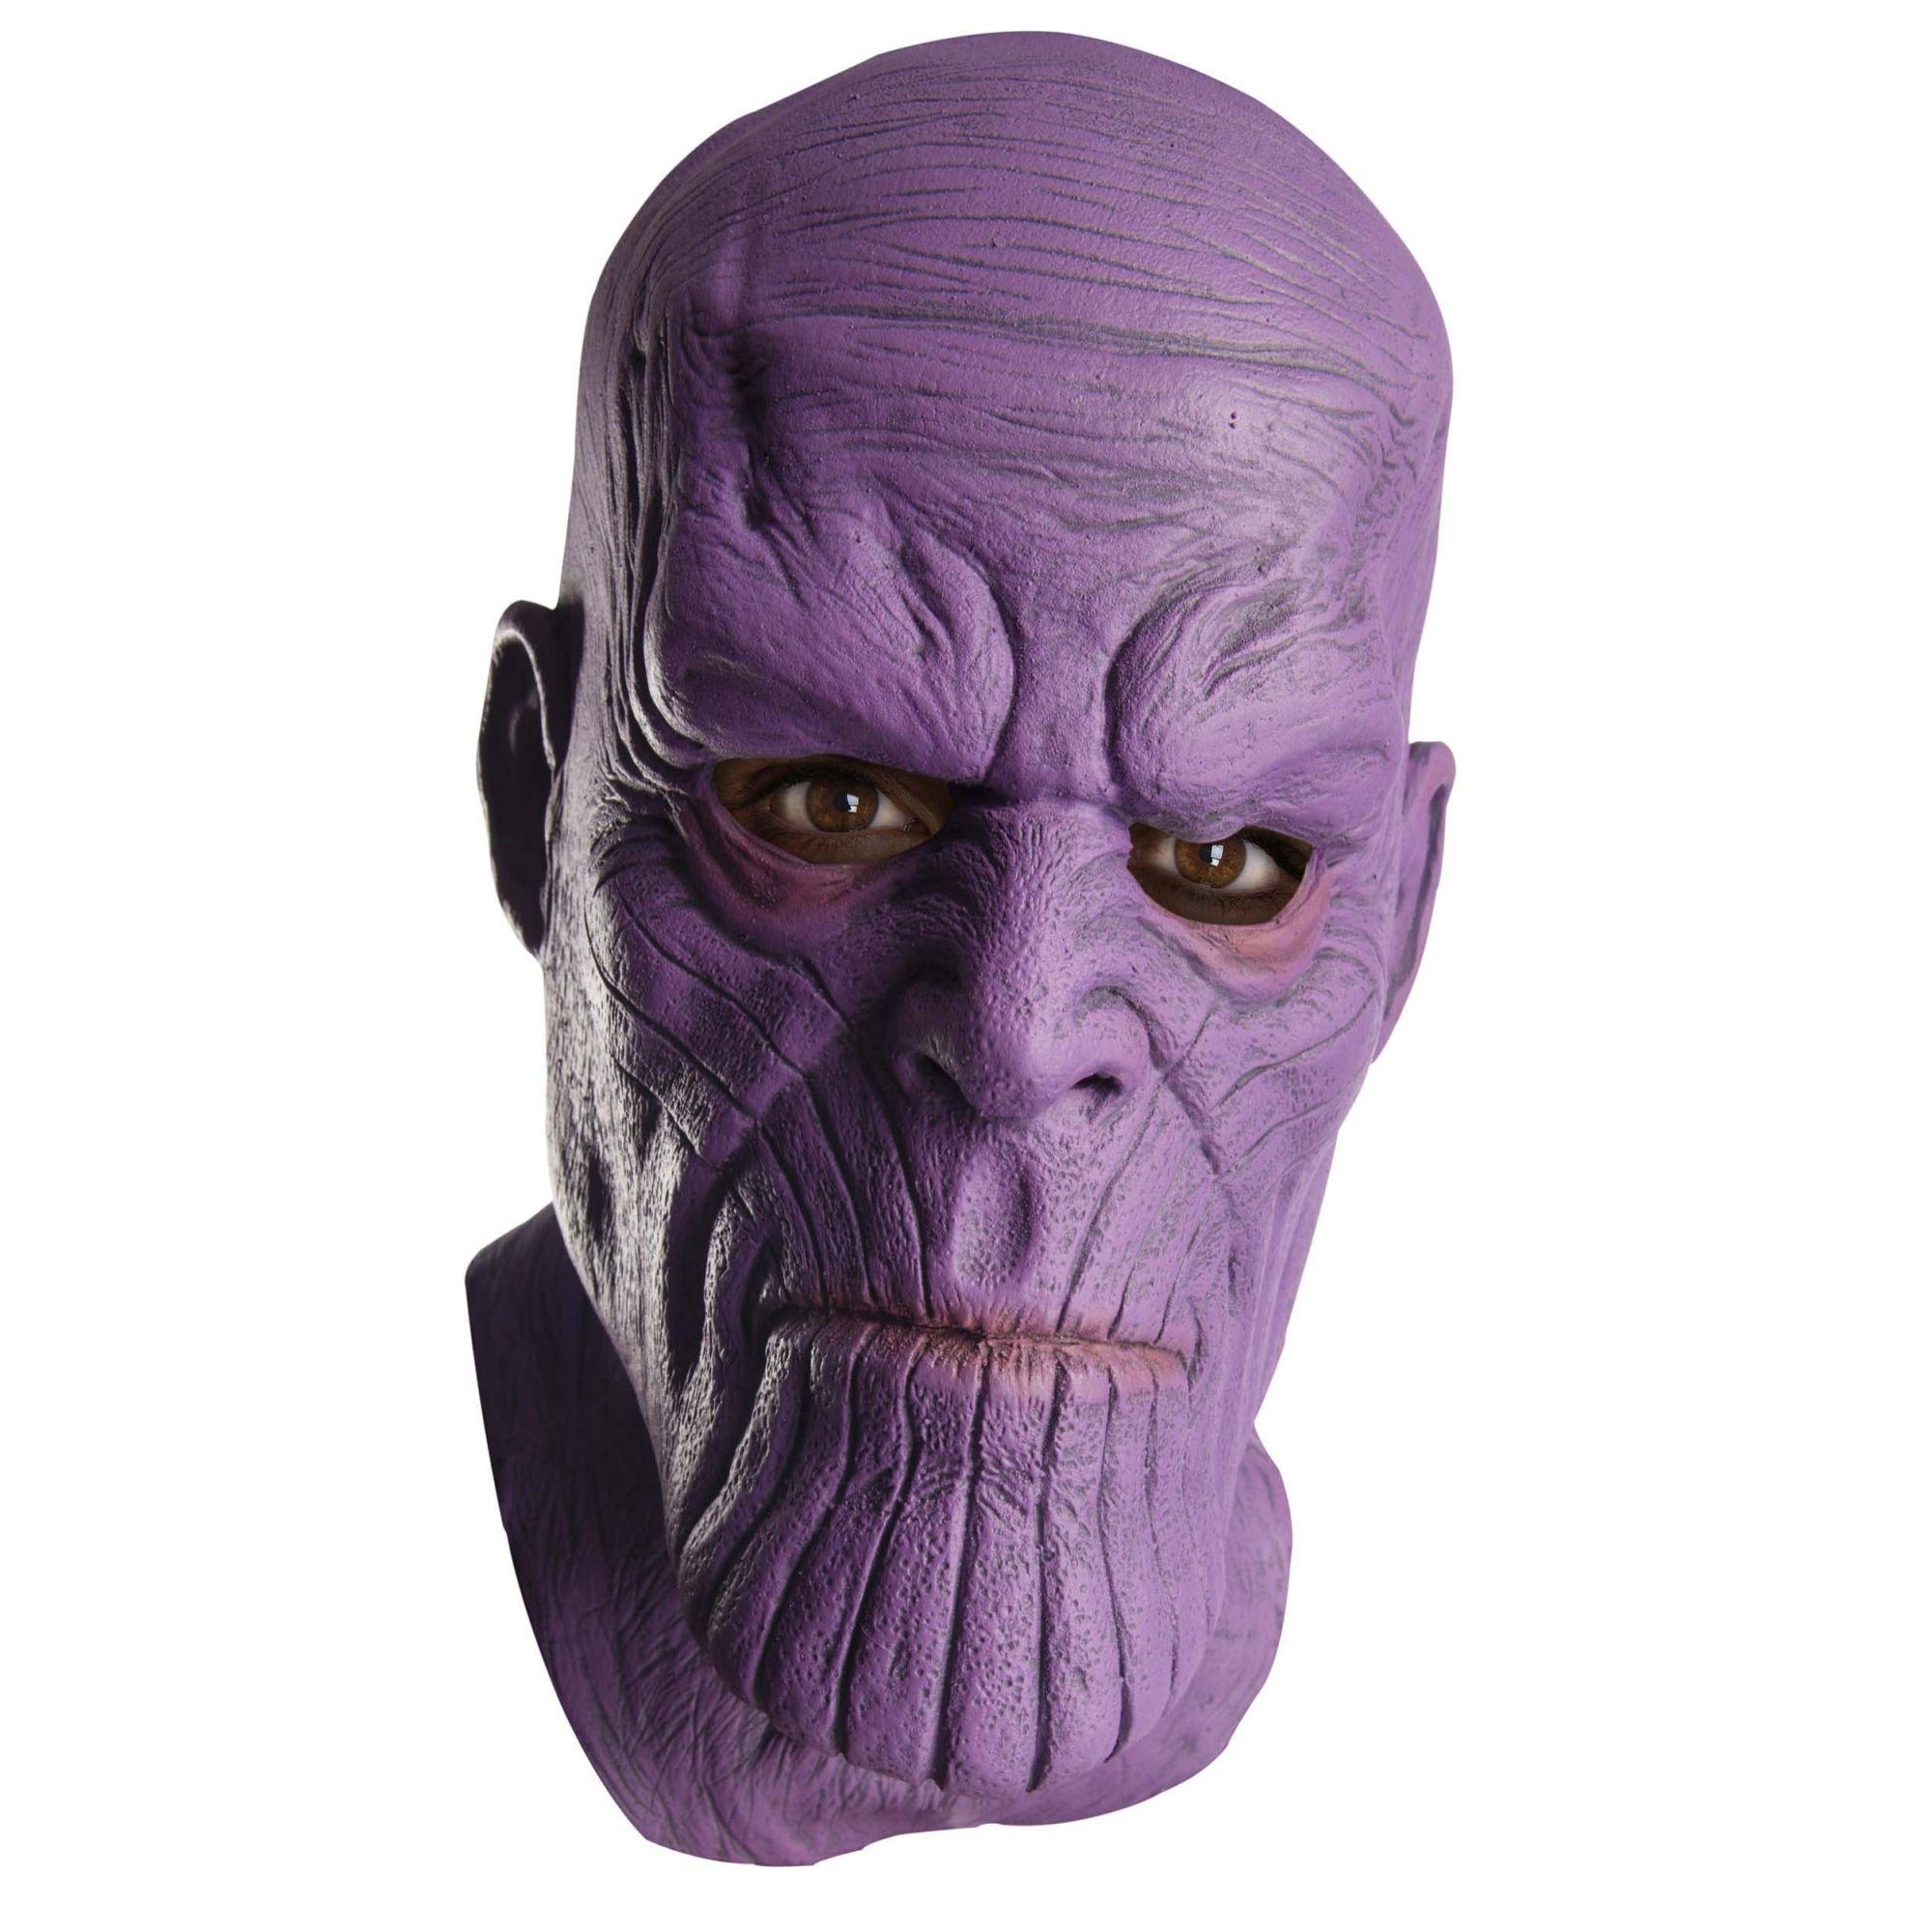 Máscara de Látex Deluxe Thanos: Vingadores Guerra Infinita (Avengers: Infinity War) - Rubies Costumes - CD